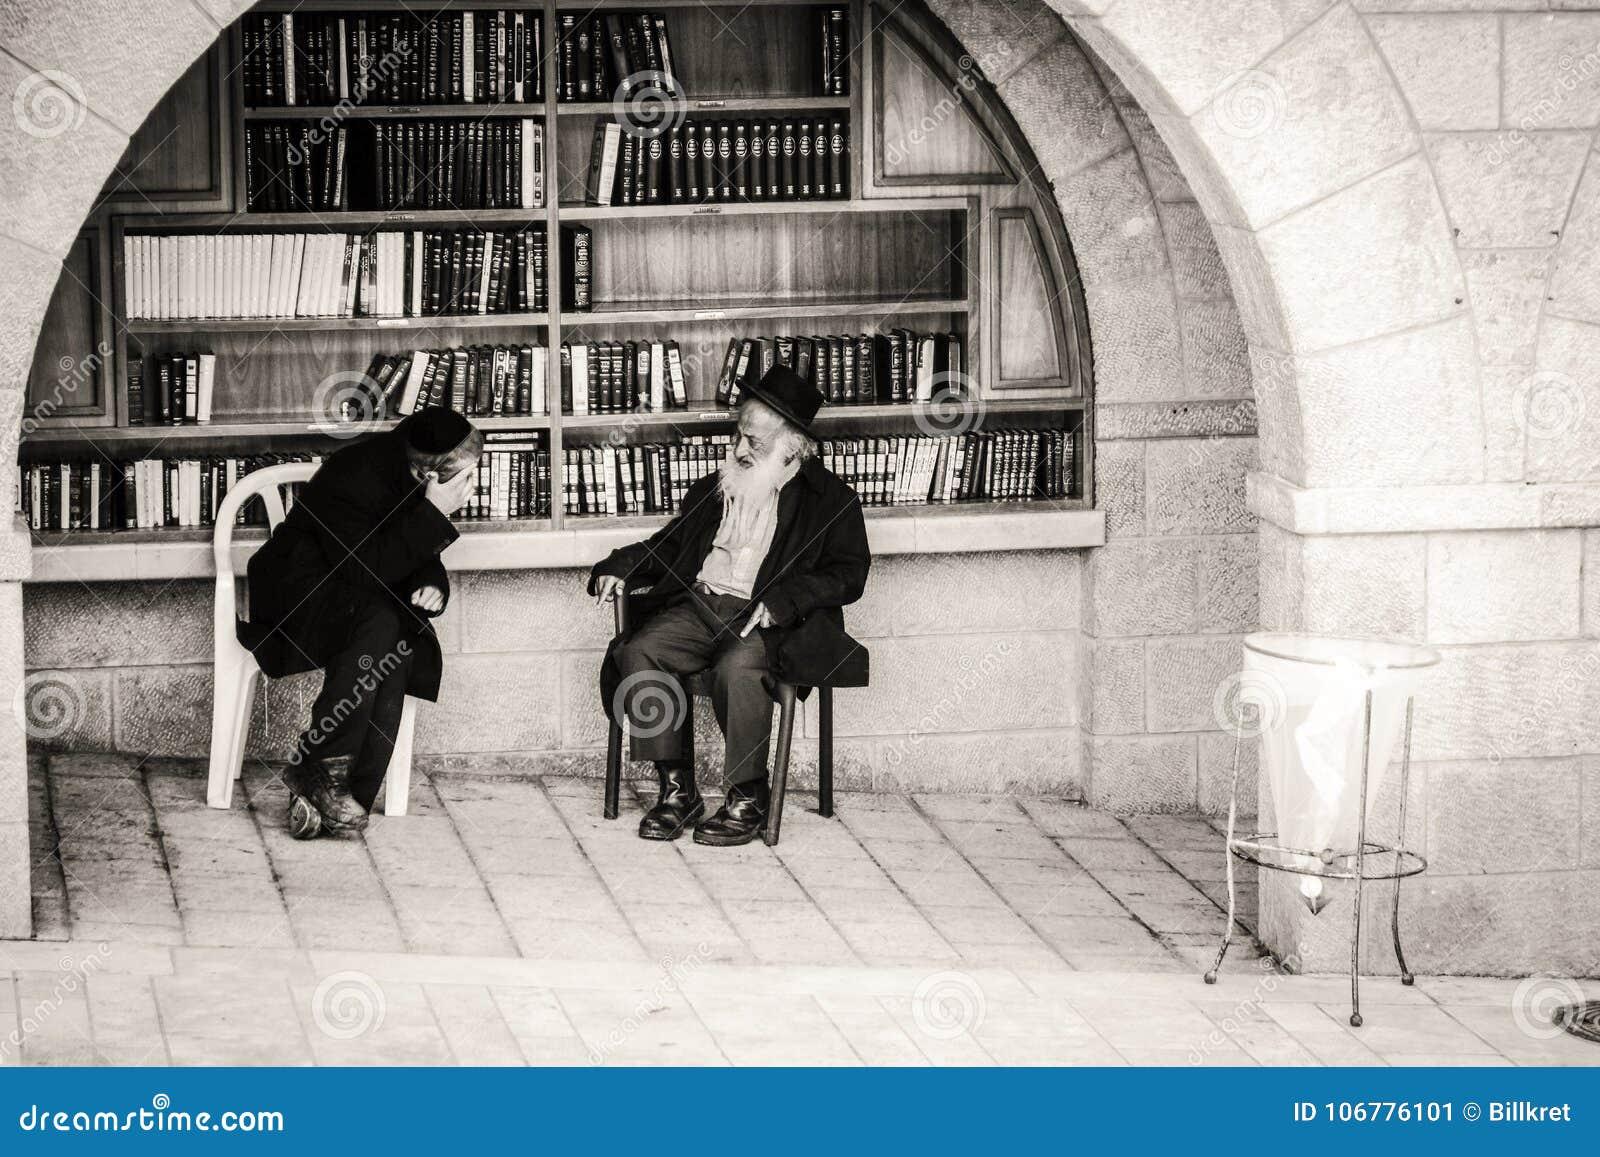 Orthodox Jews at Western Wall in Jerusalem